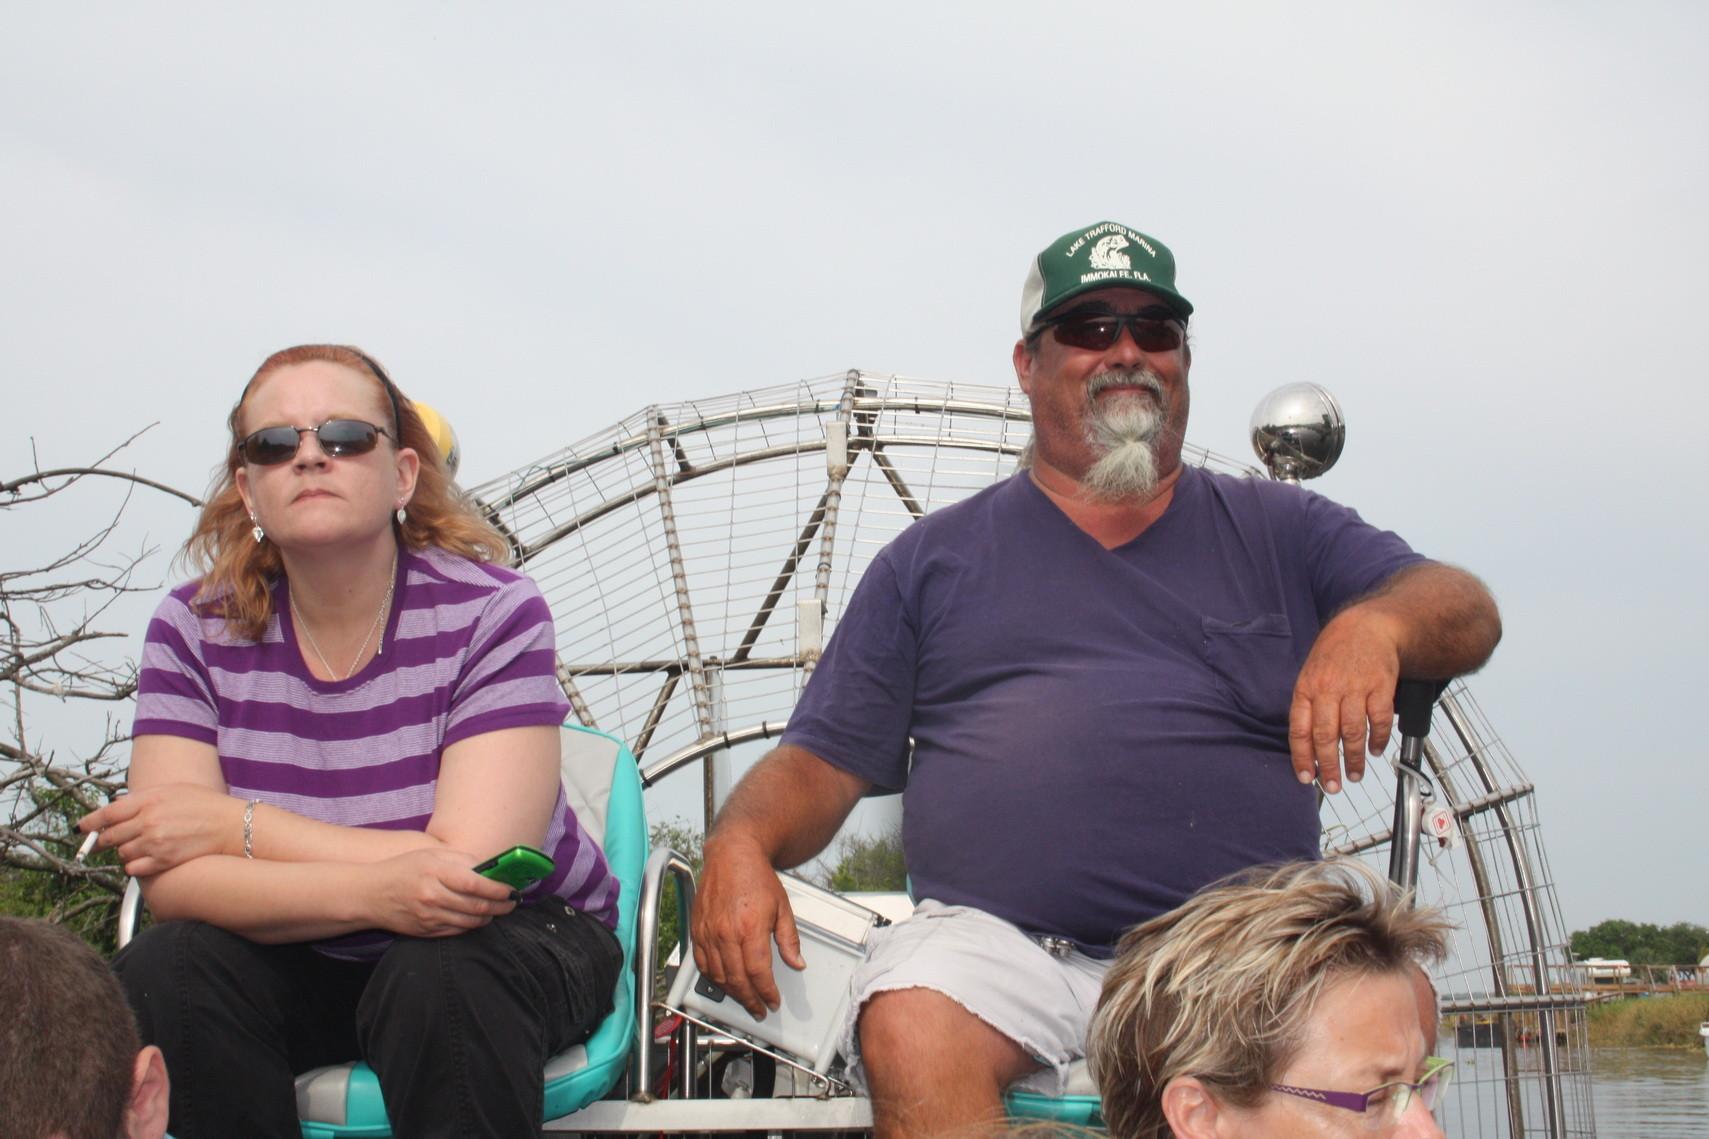 Der Bootskapitän